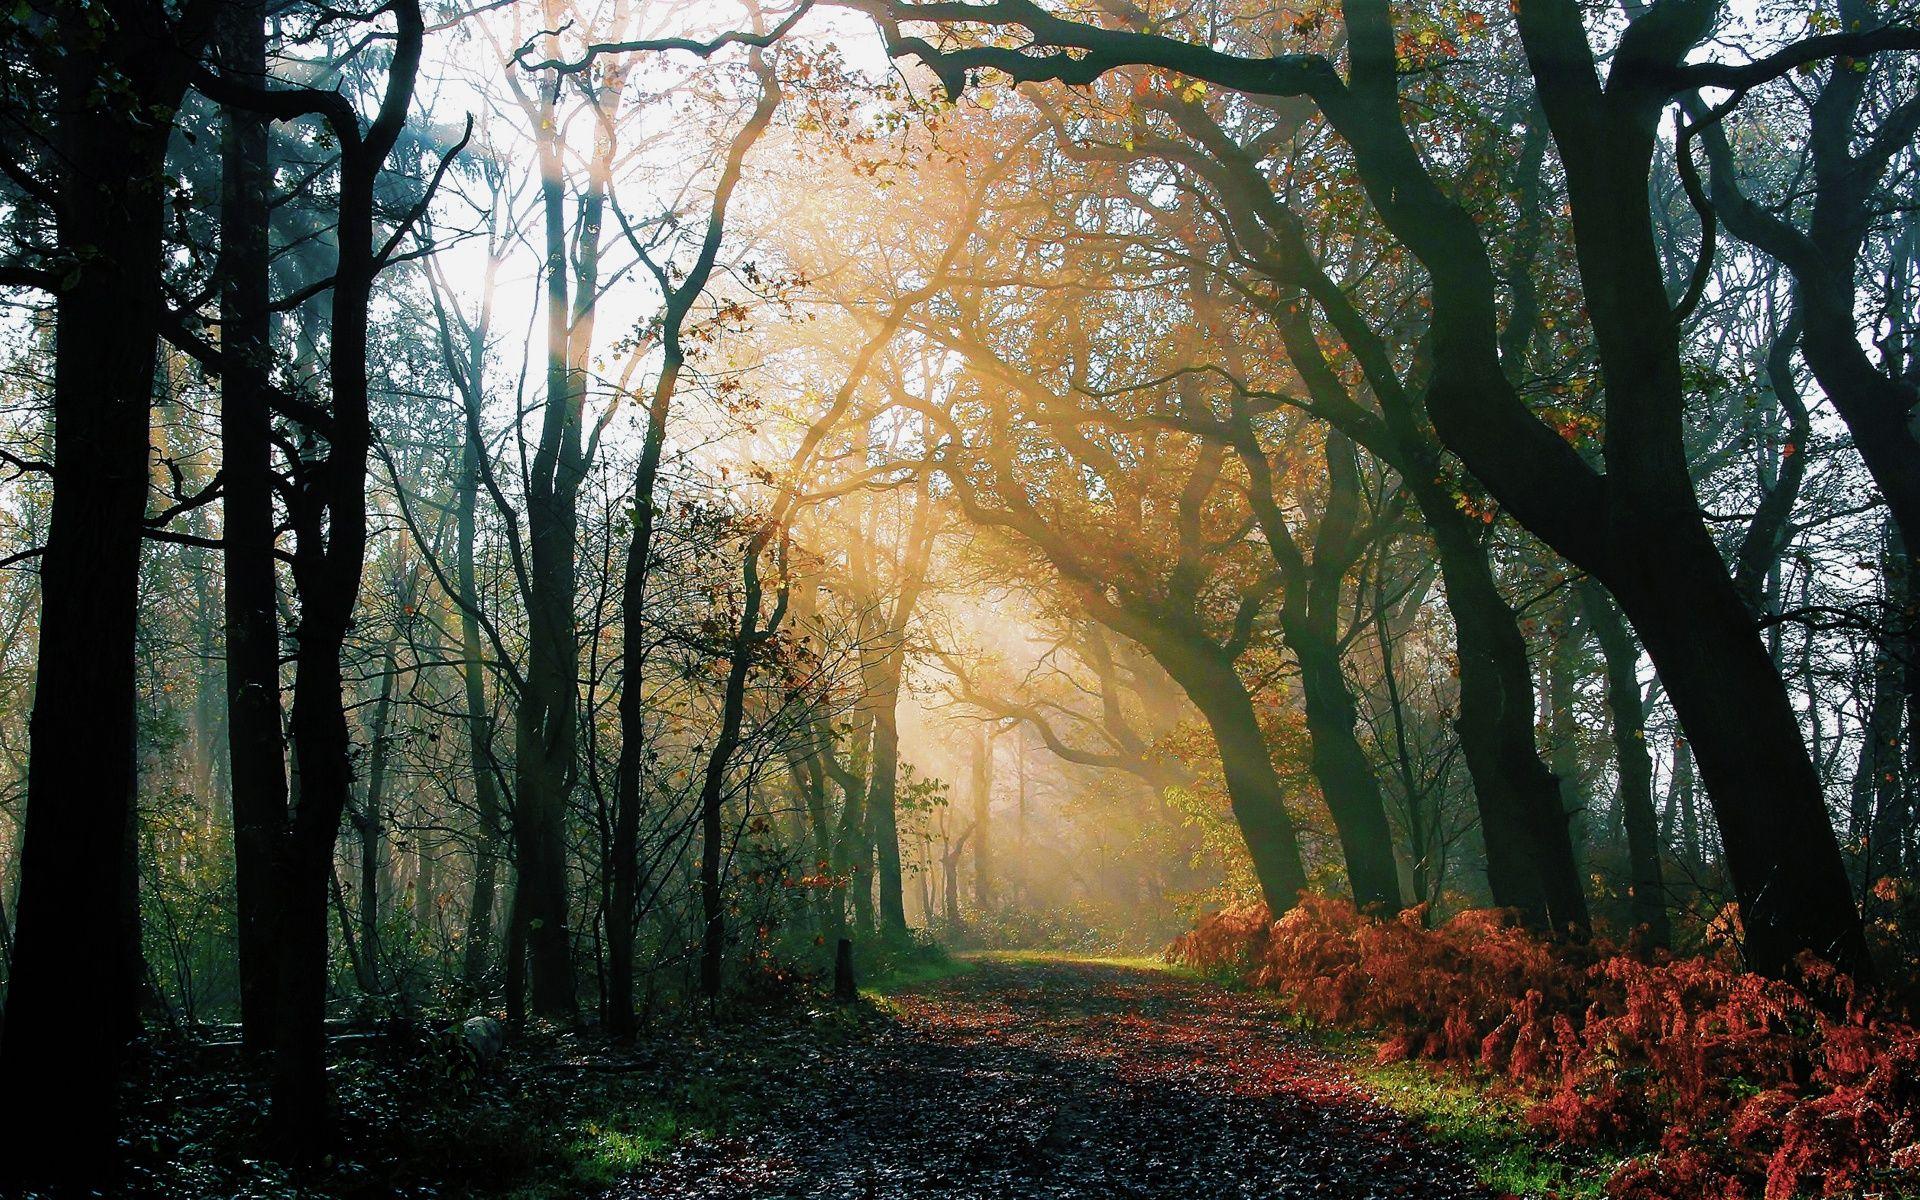 Natur Wald Morgen Herbst Strassen Licht Strahlen Sonne Hintergrundbilder 1920x1200 Hinte Hintergrundbilder Hintergrundbilder Natur Hintergrundbilder Hd